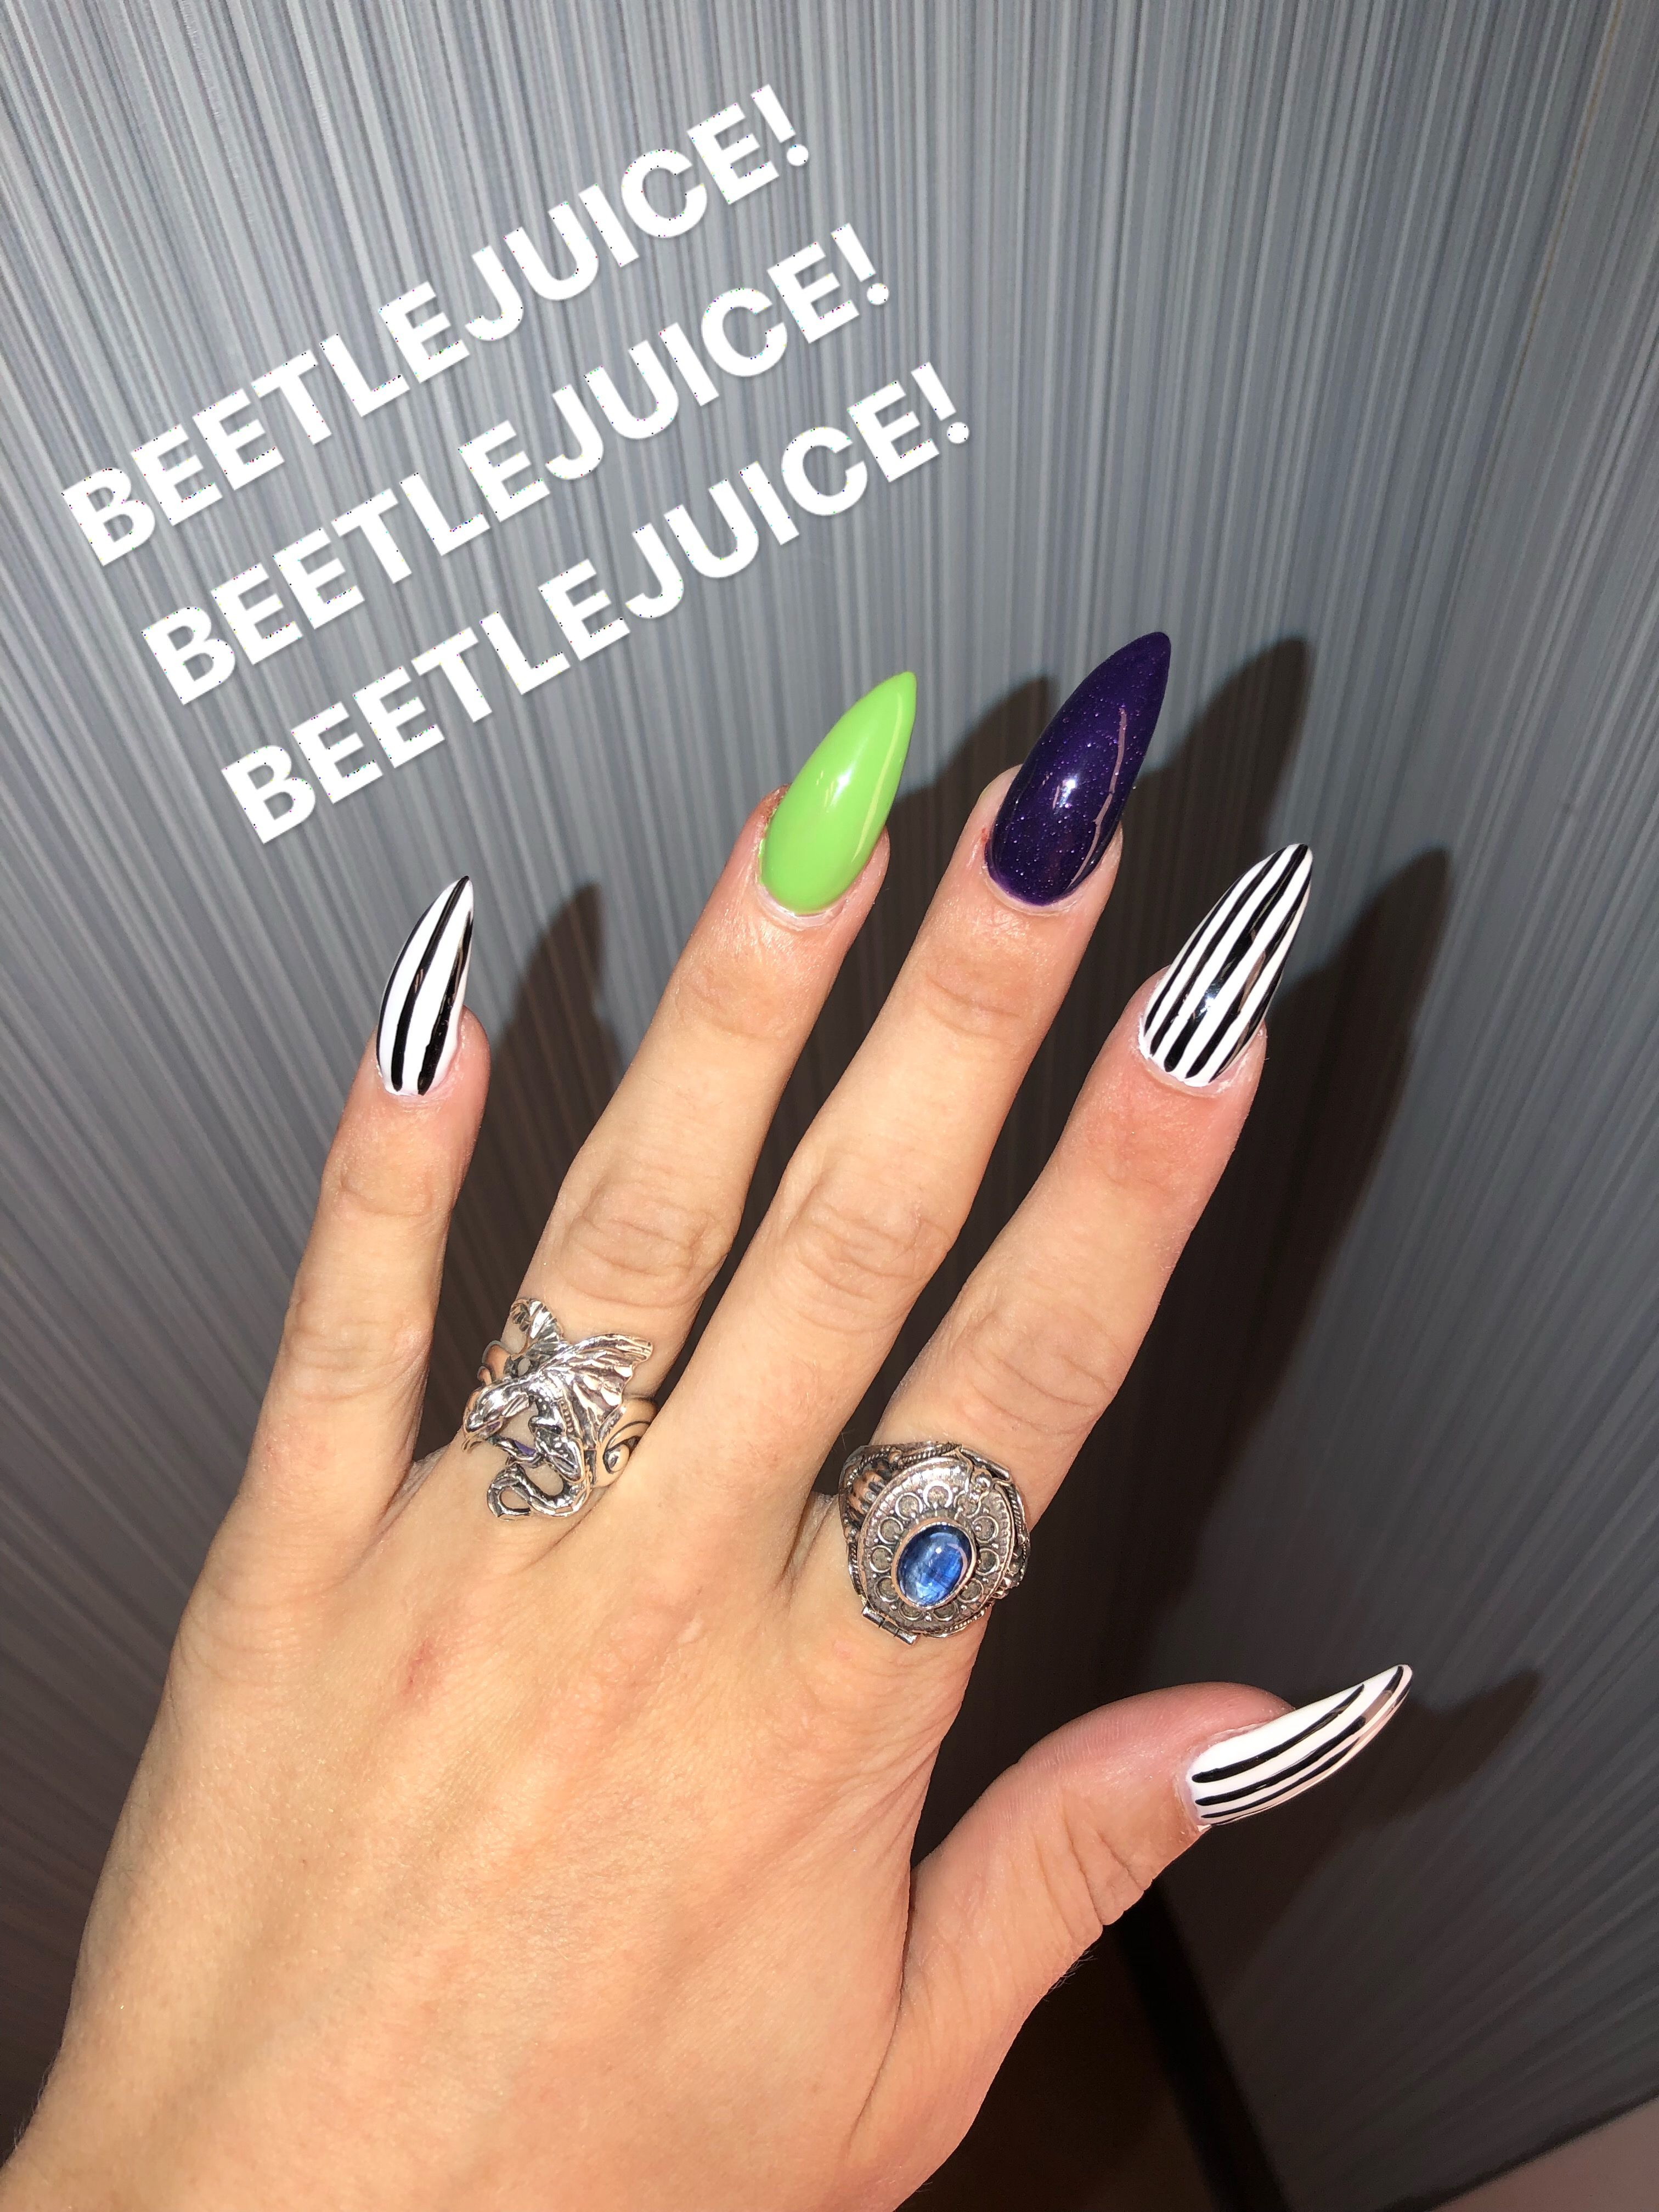 Beetlejuice Gel Nails Halloween Nails Easy Halloween Nails Diy Halloween Nail Art Easy